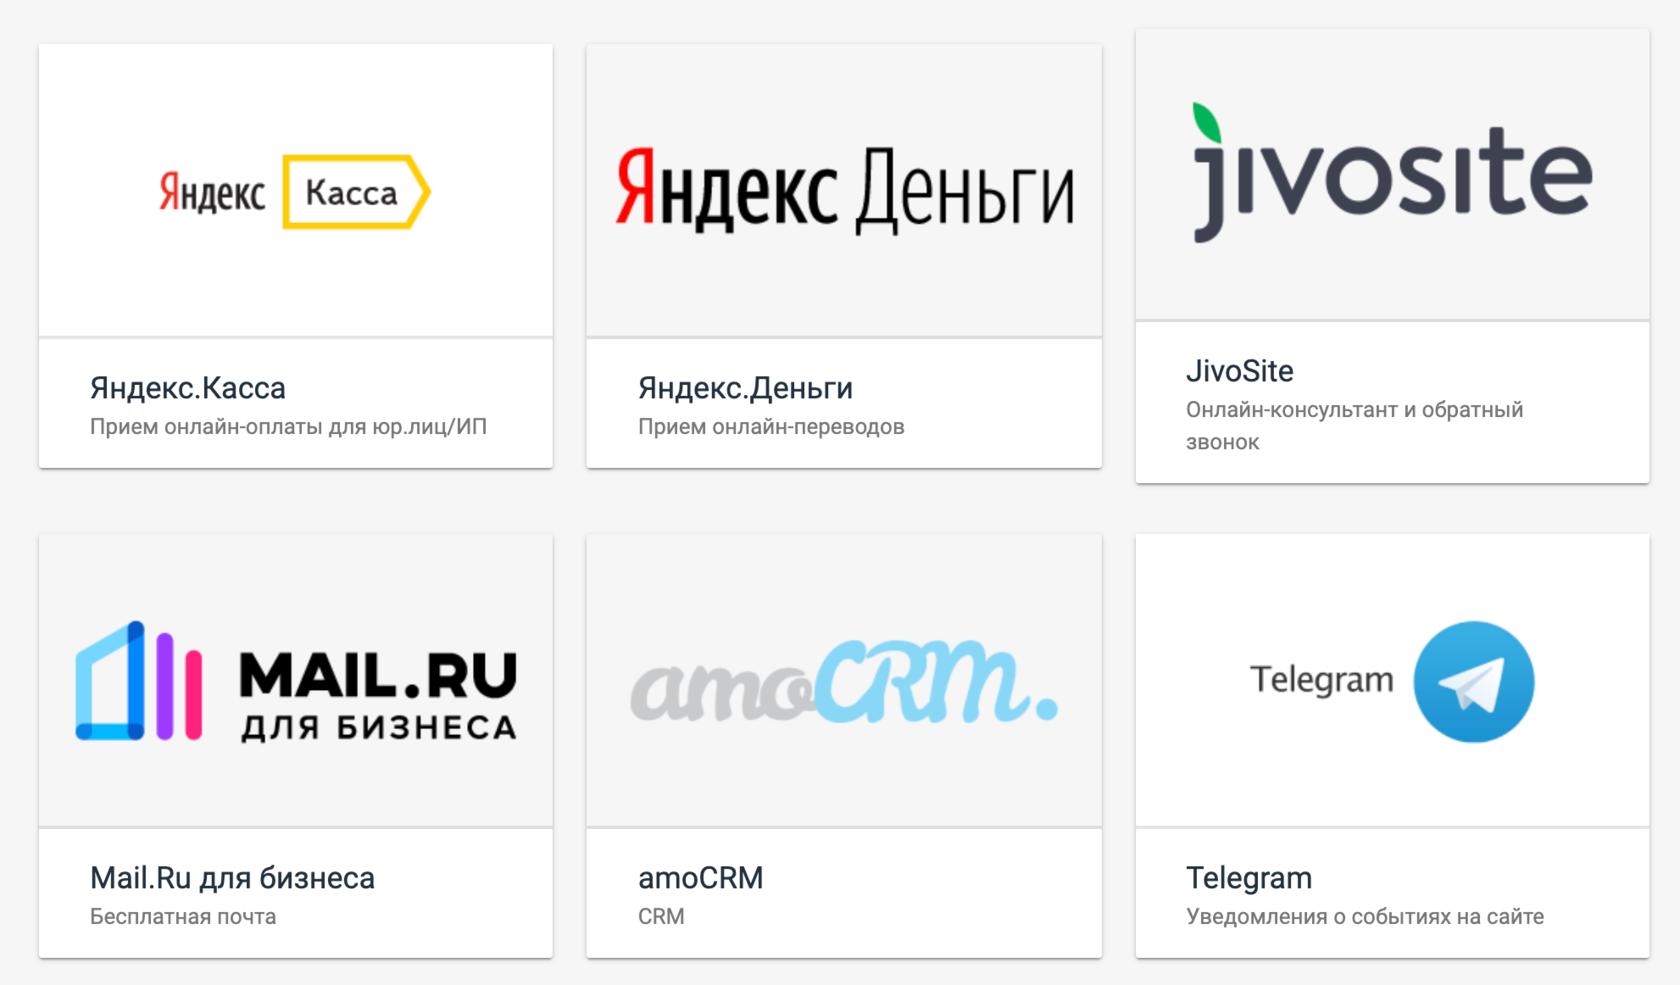 Сервисы для интеграции в конструкторы сайтов